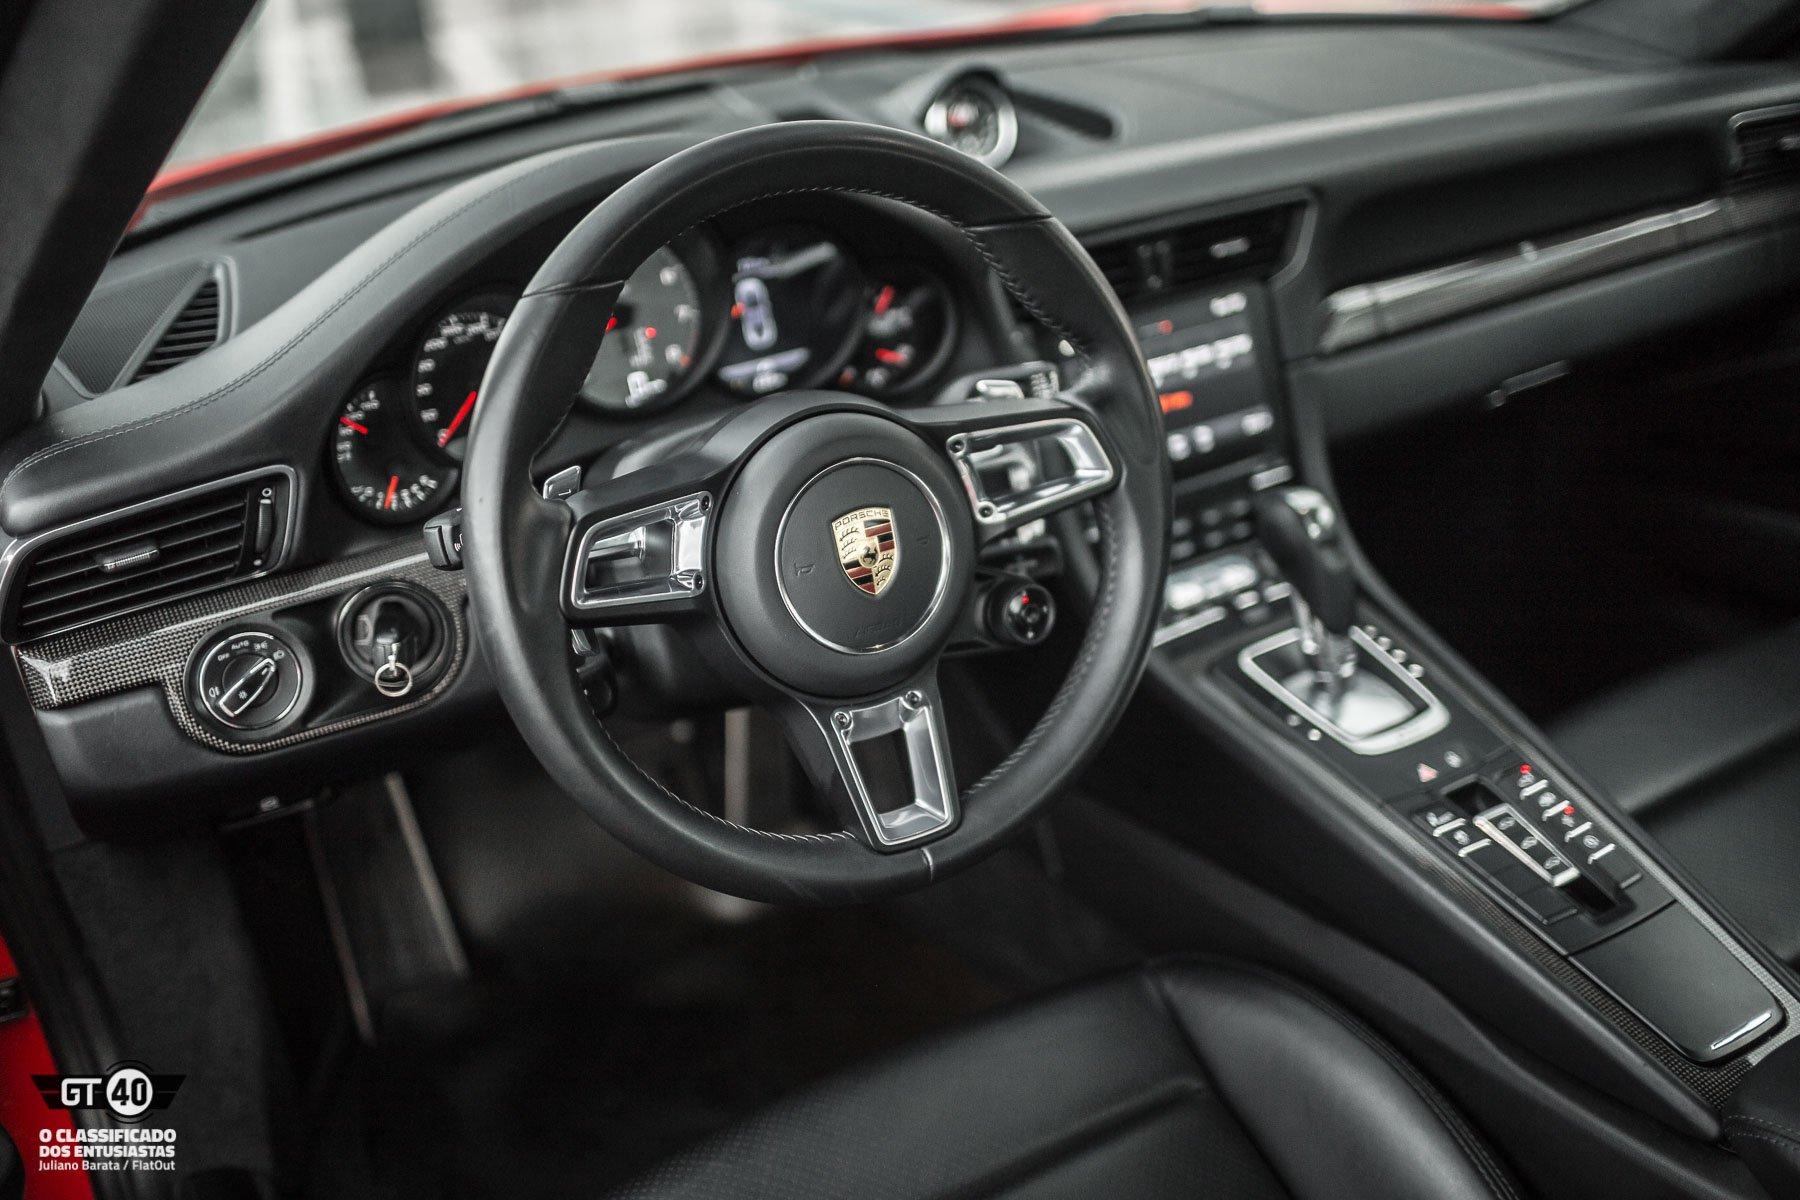 Porsche-Carrera-S-991-2-FlatOut-33